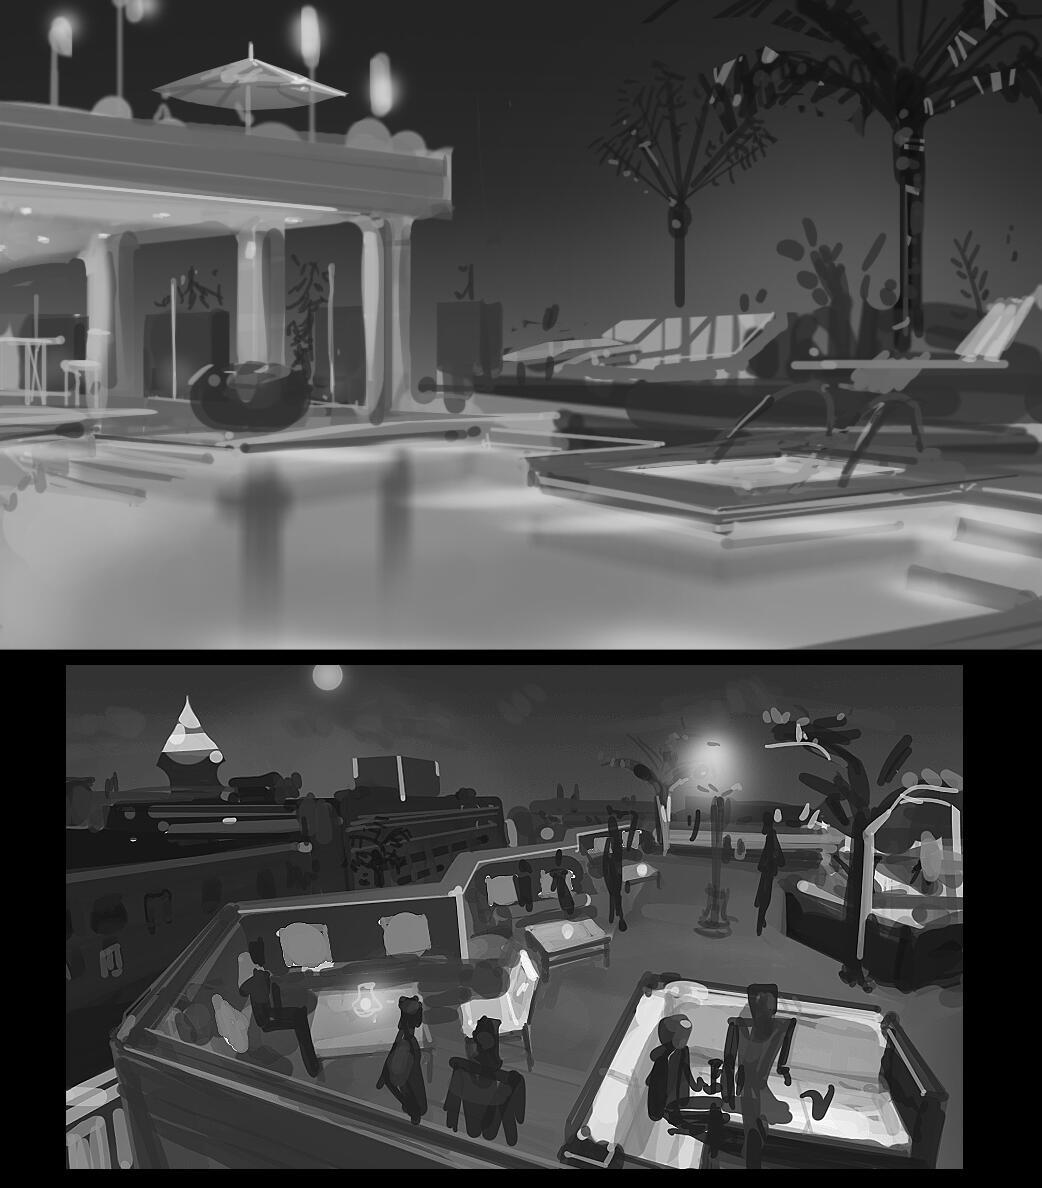 [Imagen]Los Sims 3 Al Caer la noche: terraza de apartamentos Bh0wErQCUAA-ybl